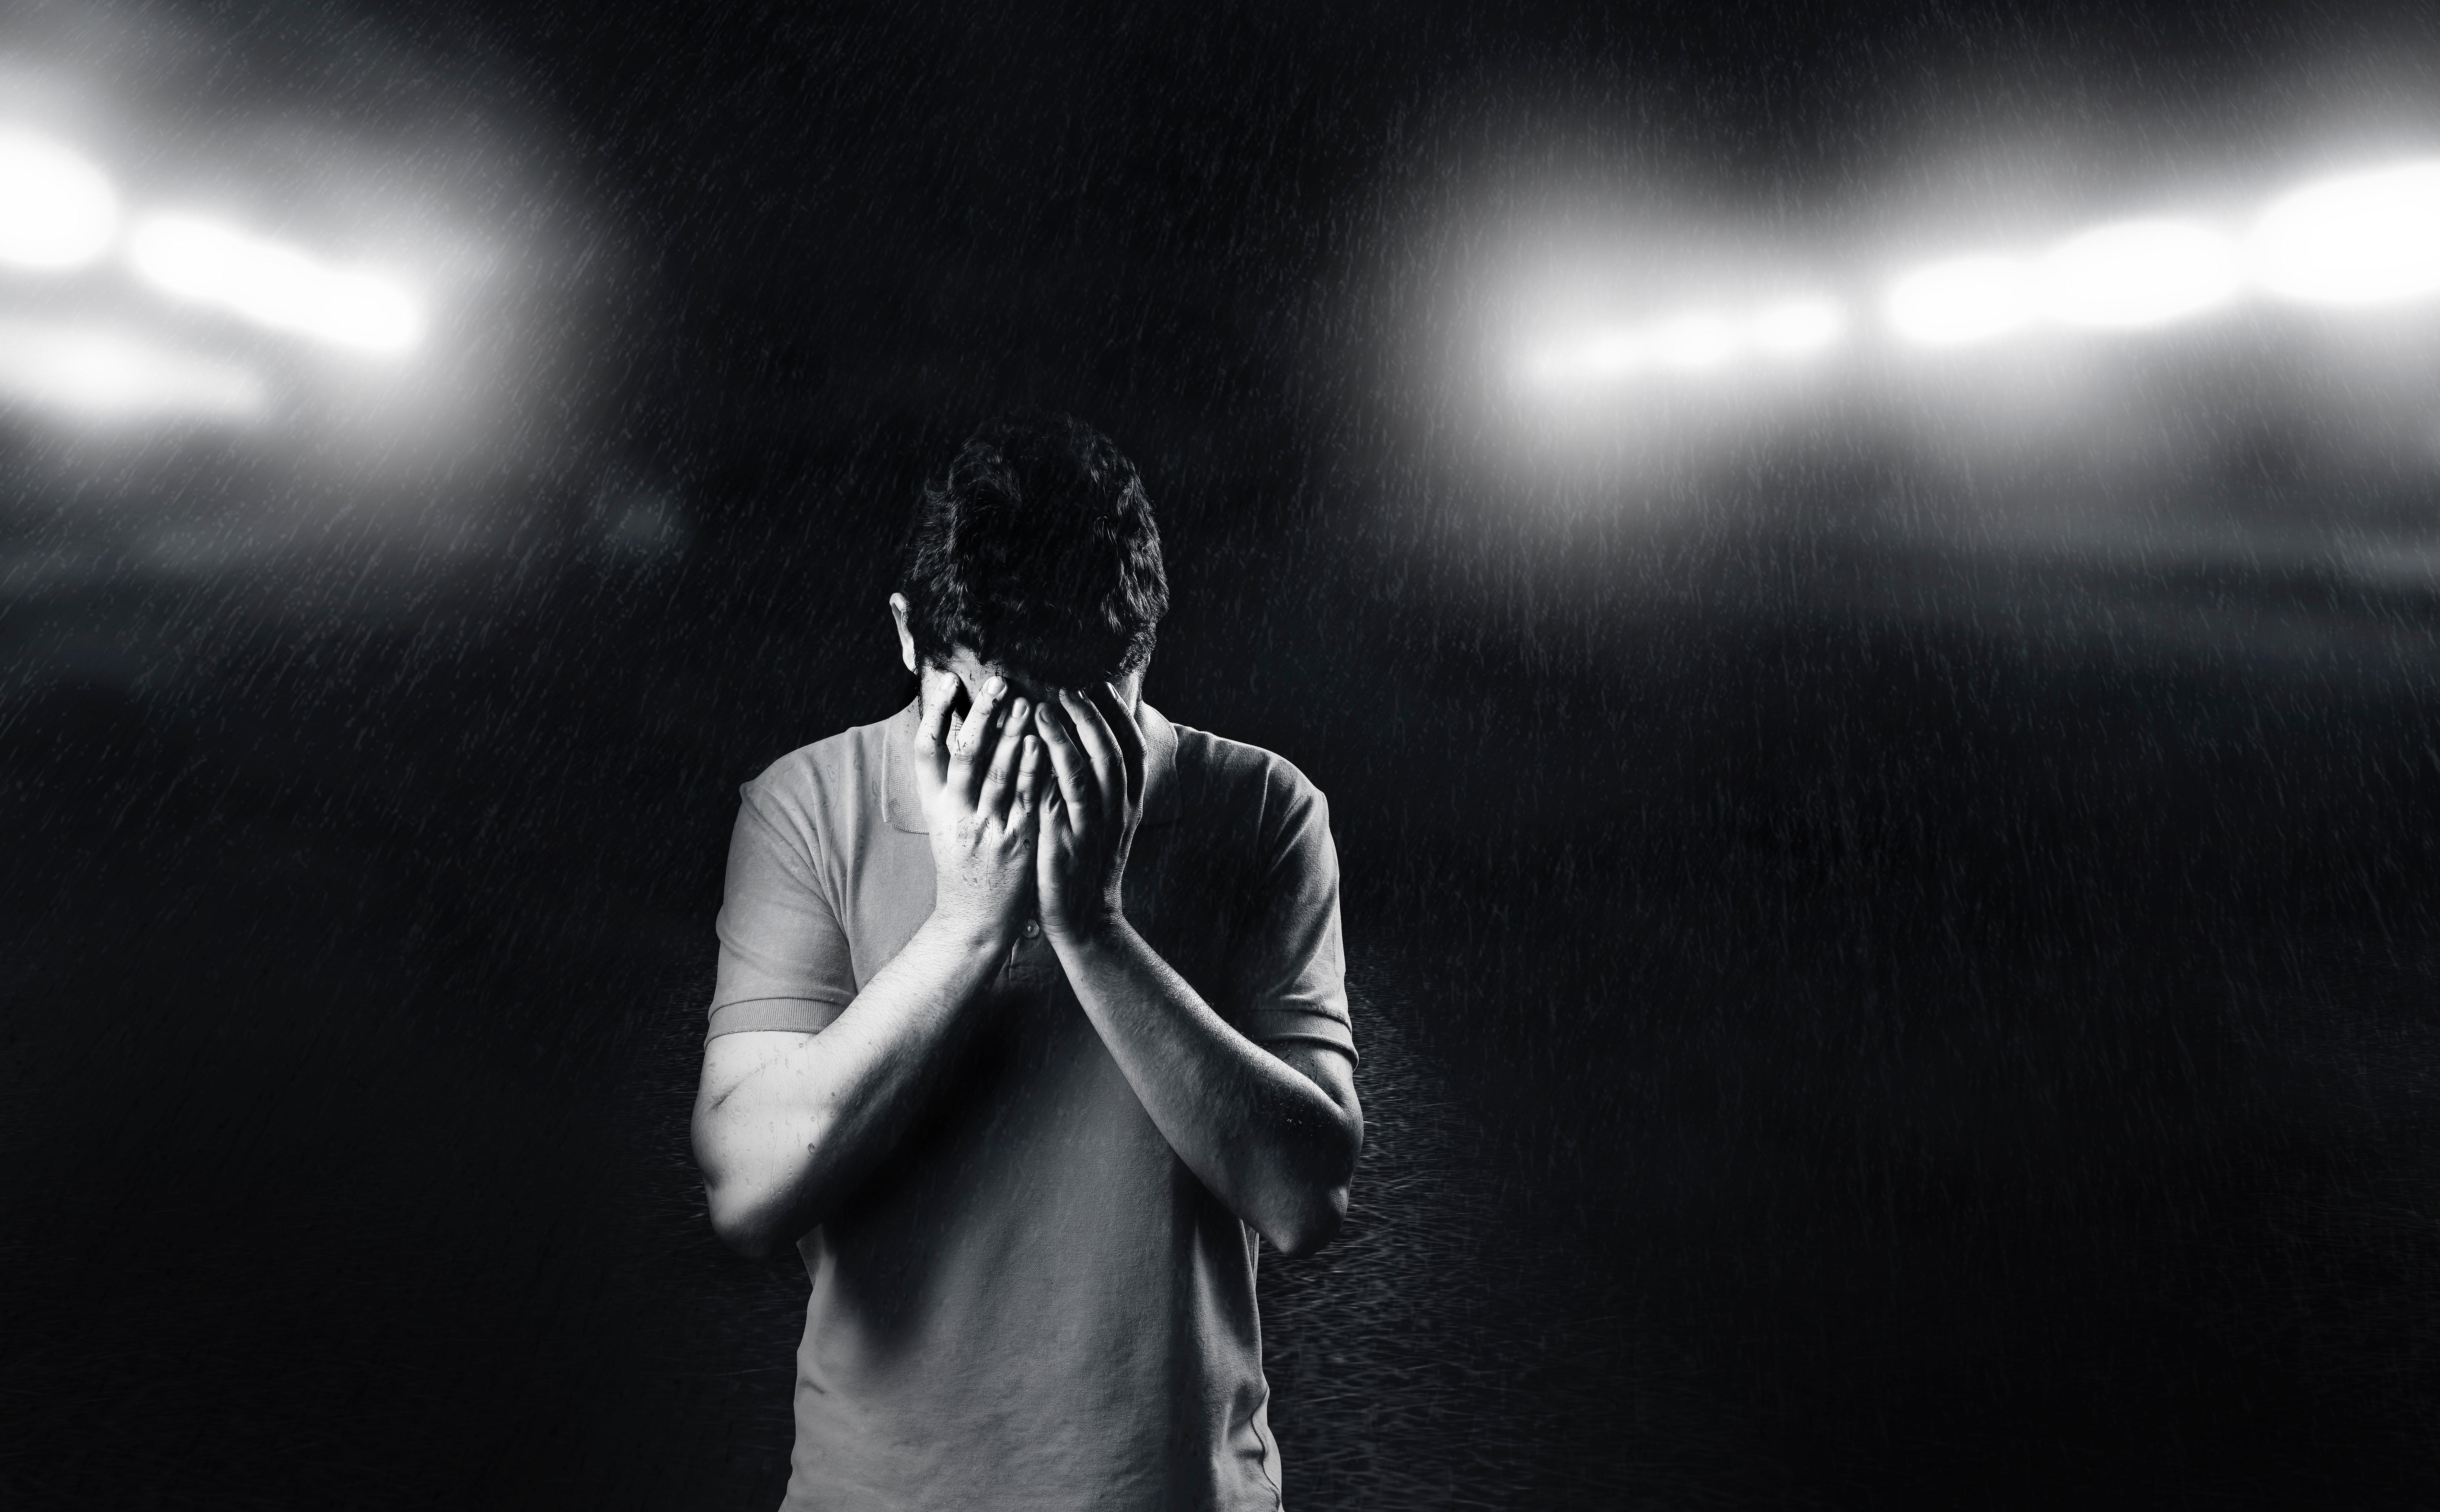 covid-19 sorrow